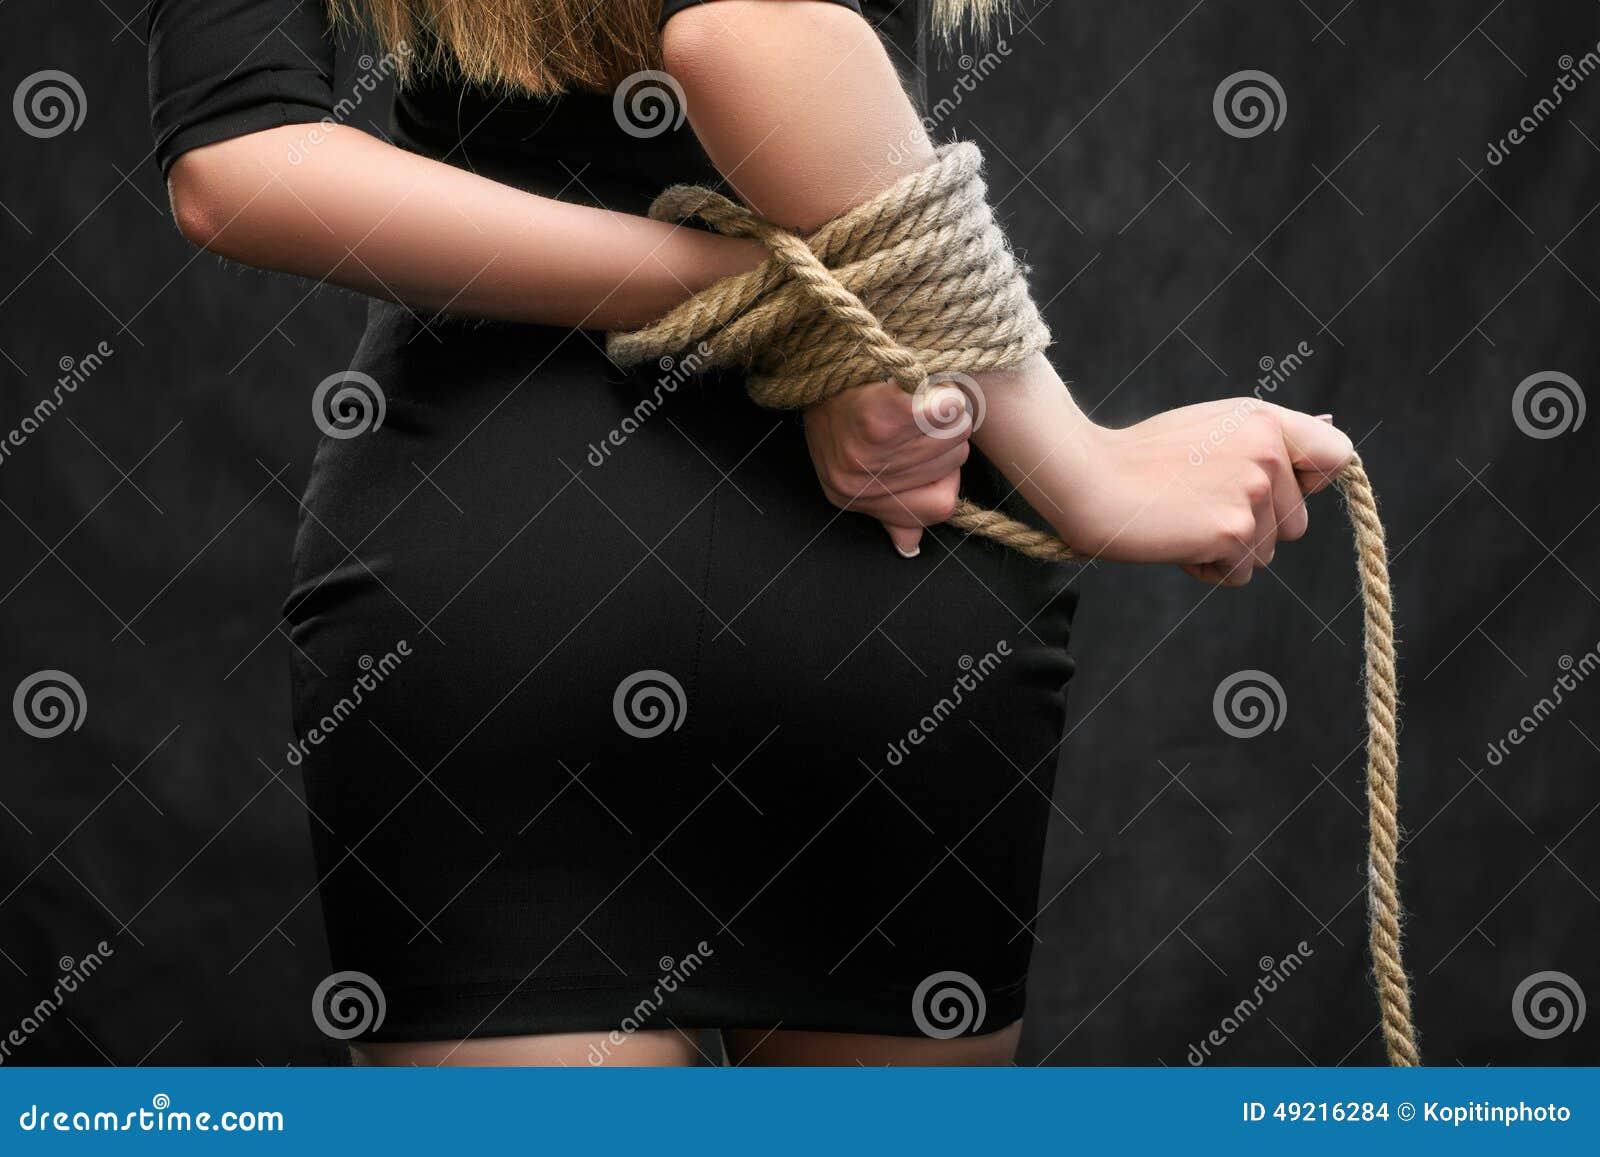 Связывание похищение девушек 9 фотография